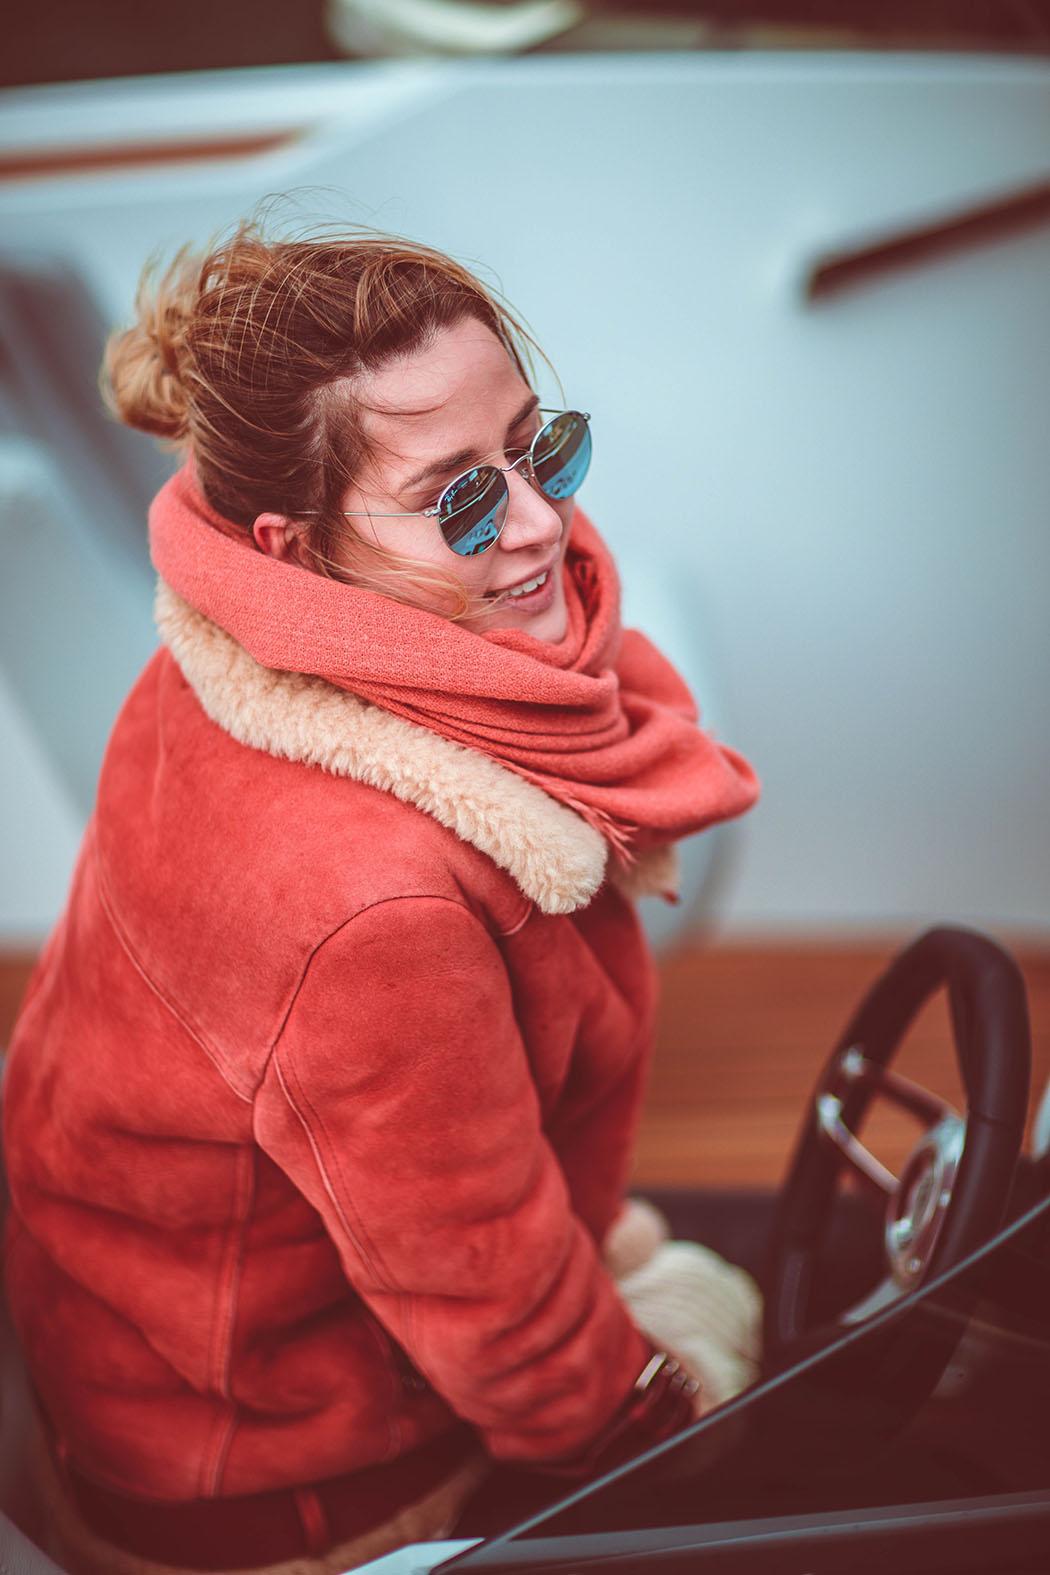 Lifestyleblog-Lifestyleblogger-Lifestyle-Blog-Blogger-Frauscher-Traunsee-Lindarella_07